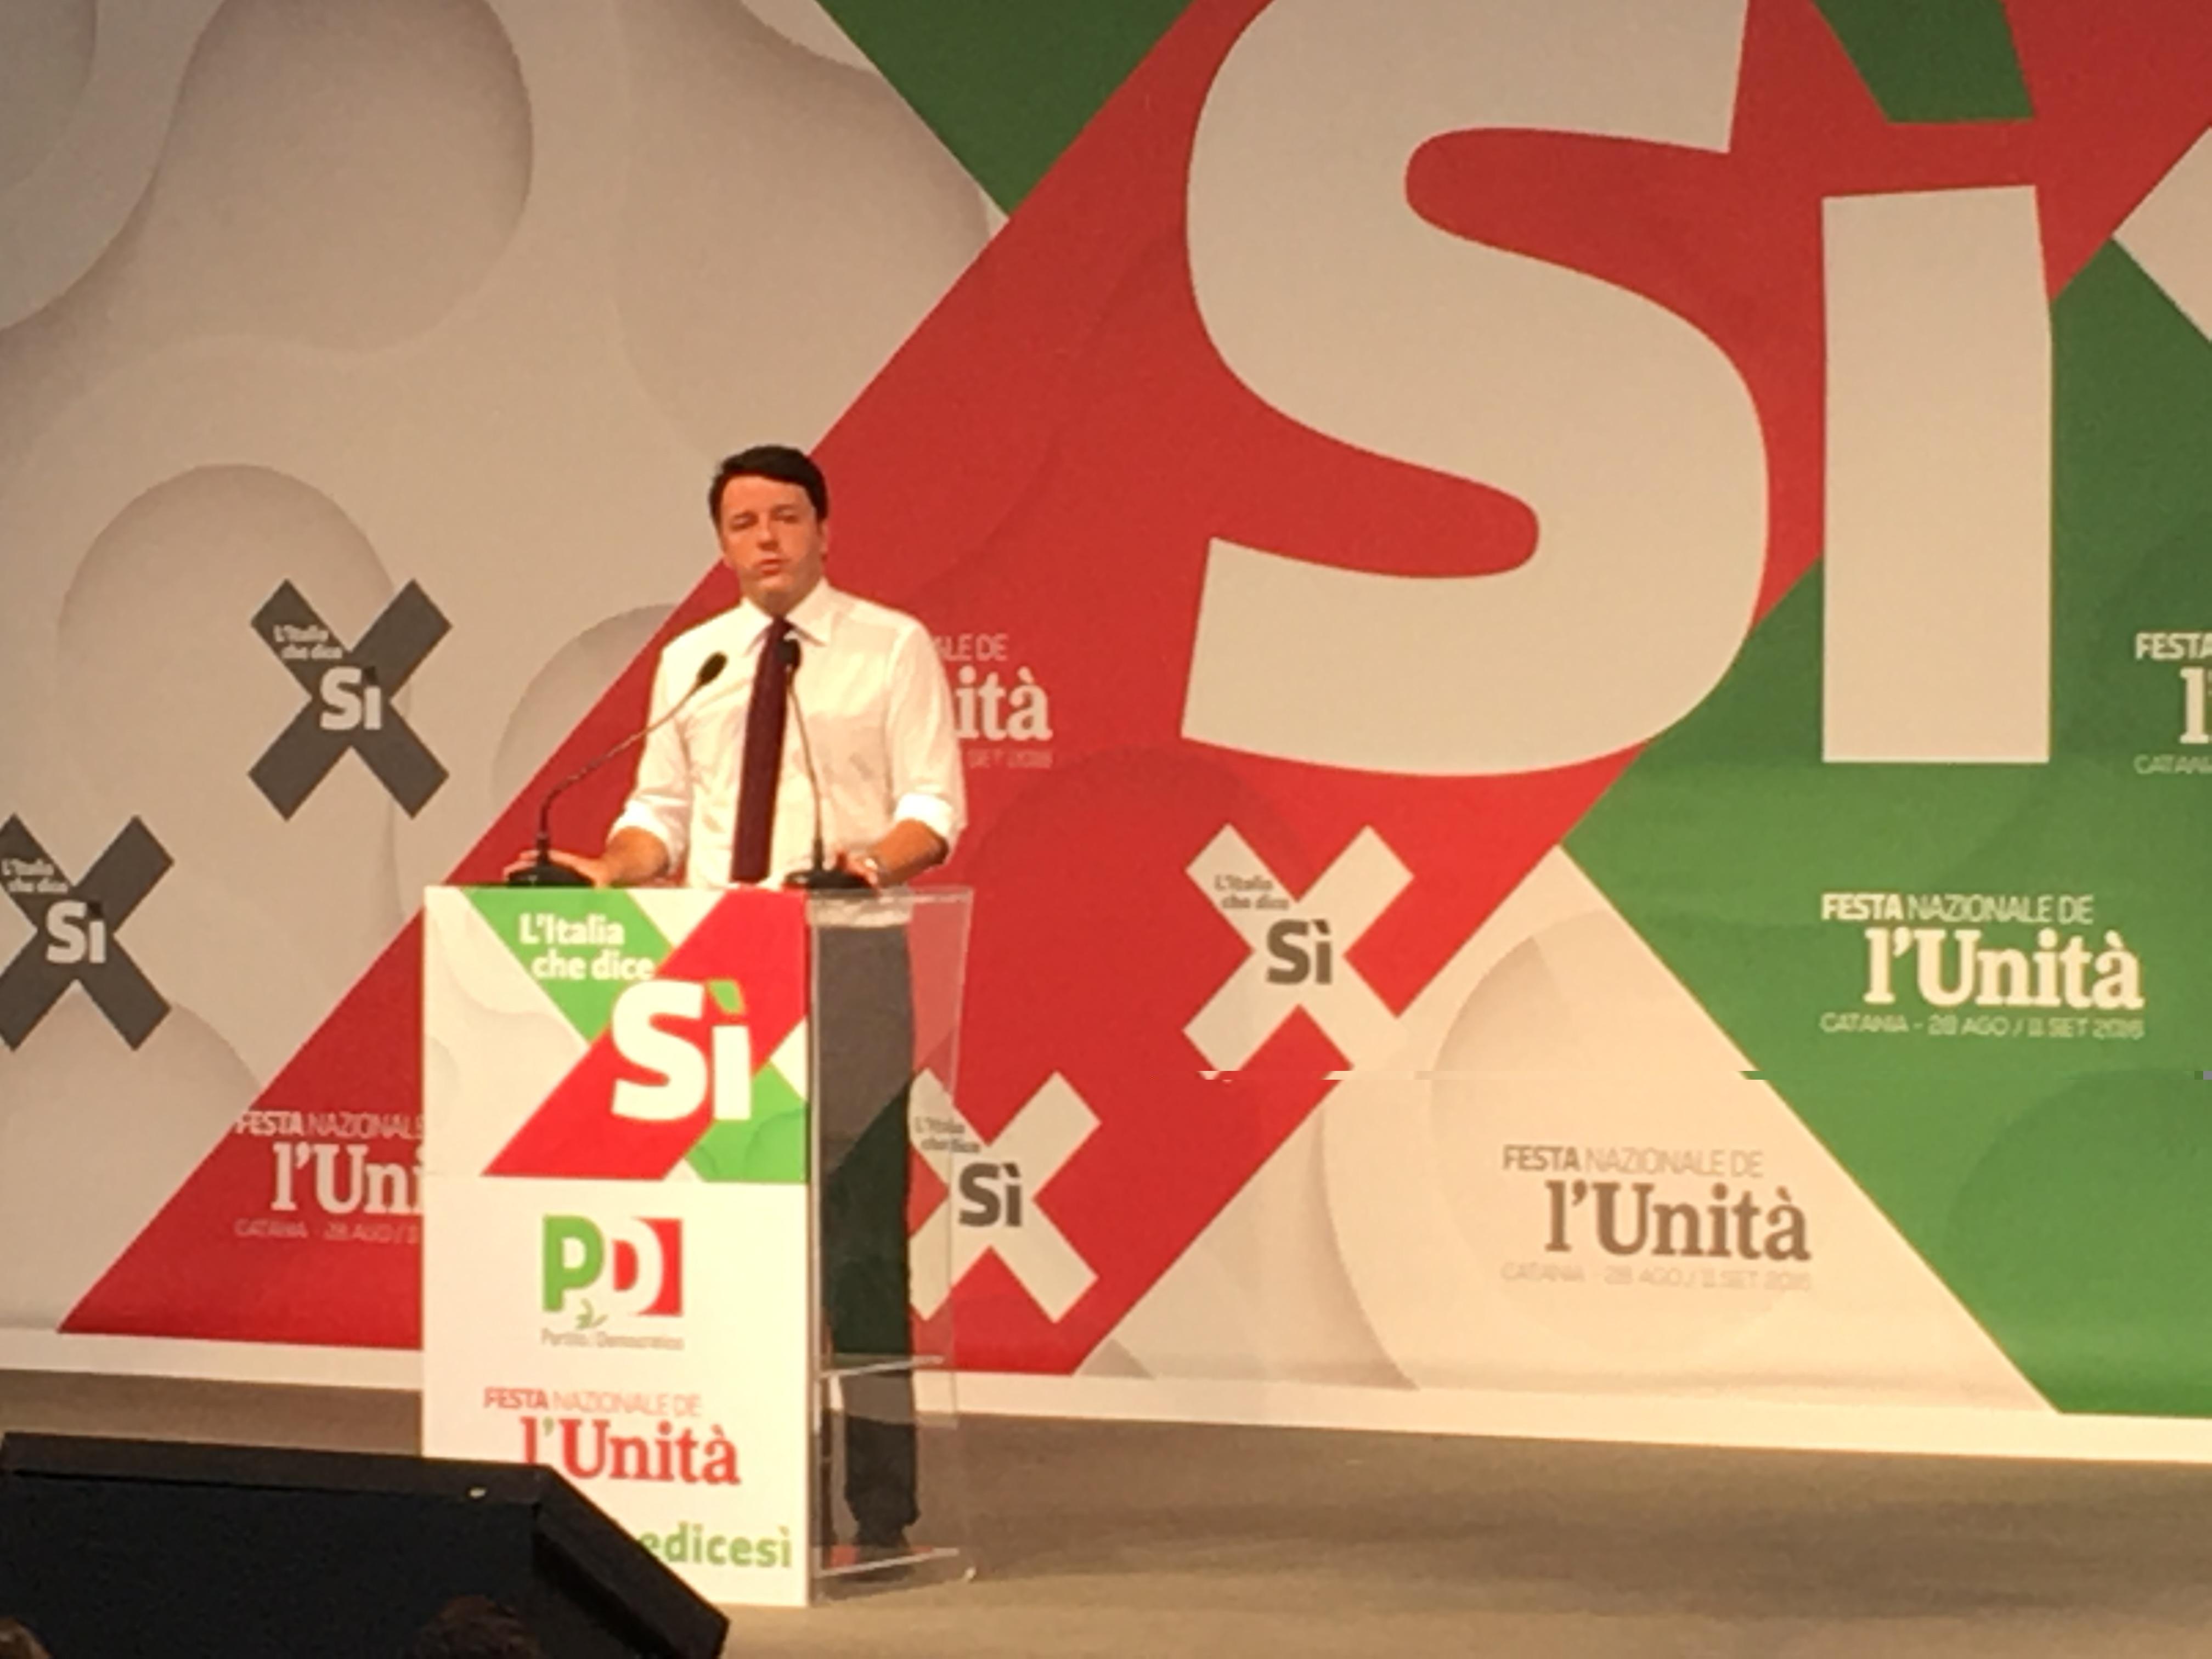 Matteo Renzi chiude la Festa dell'Unità a Catania – VIDEO